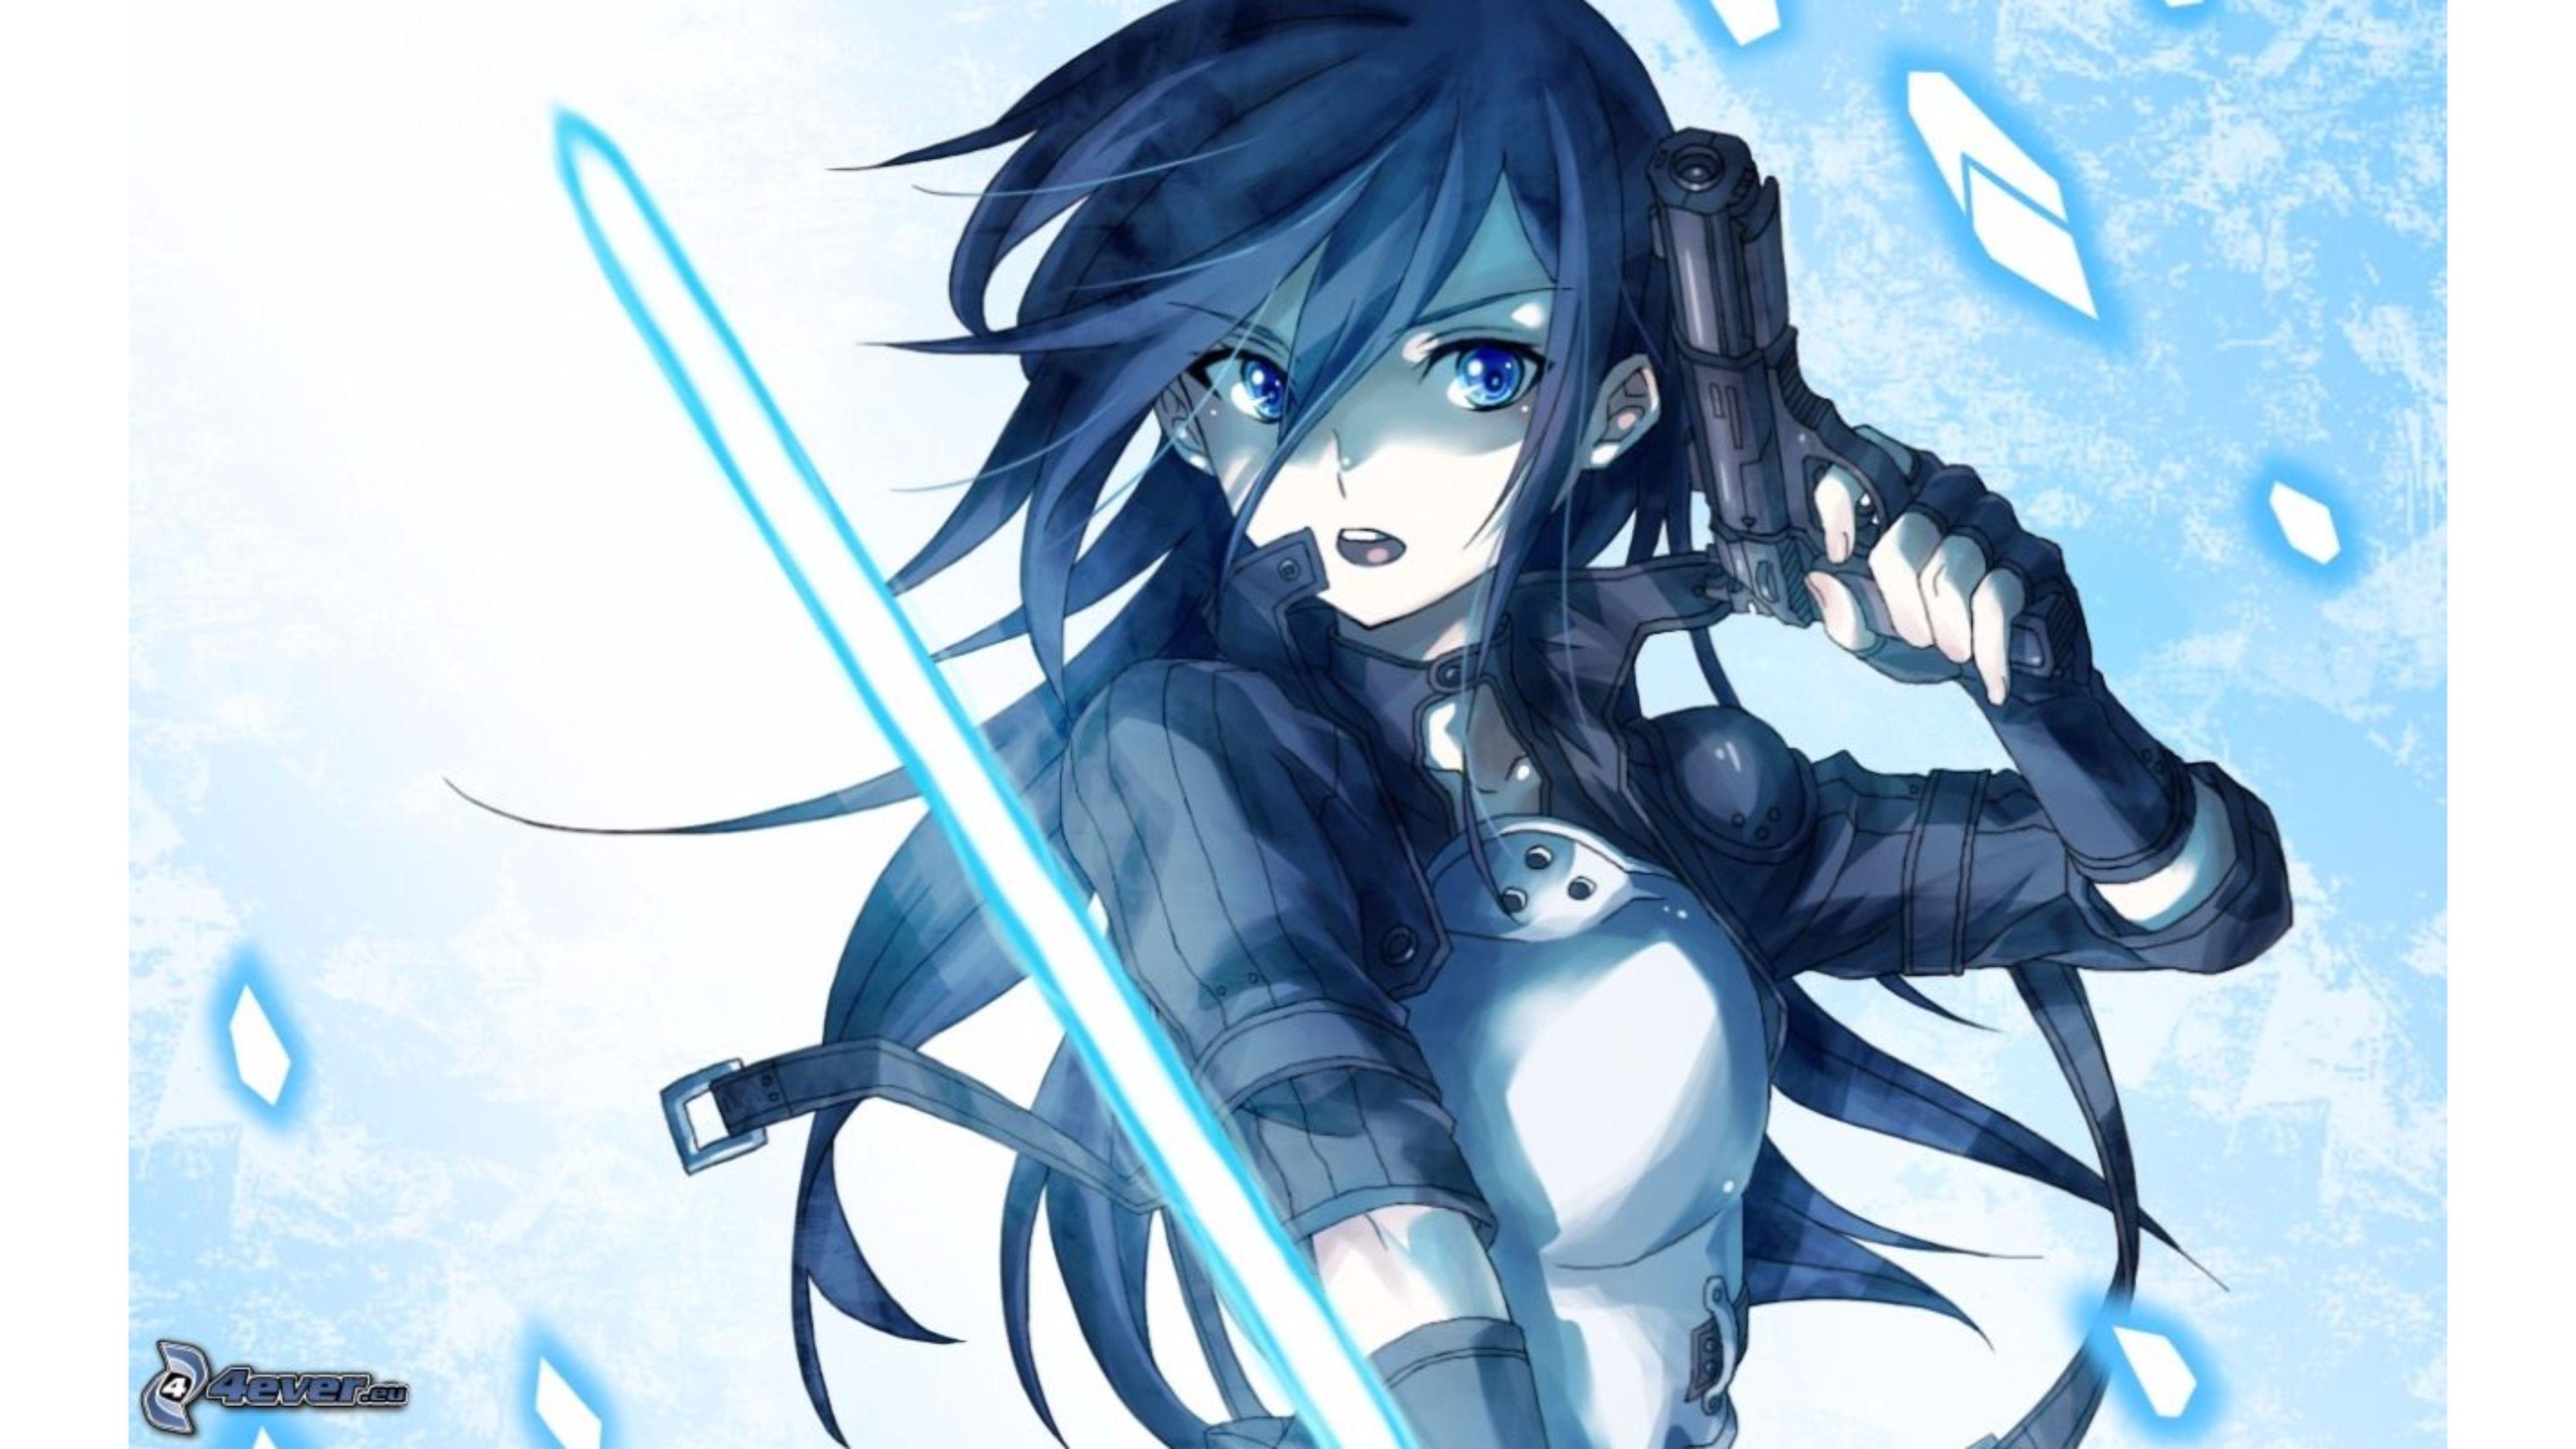 Lightsaber 4K Anime Wallpapers Free 4K Wallpaper Sword